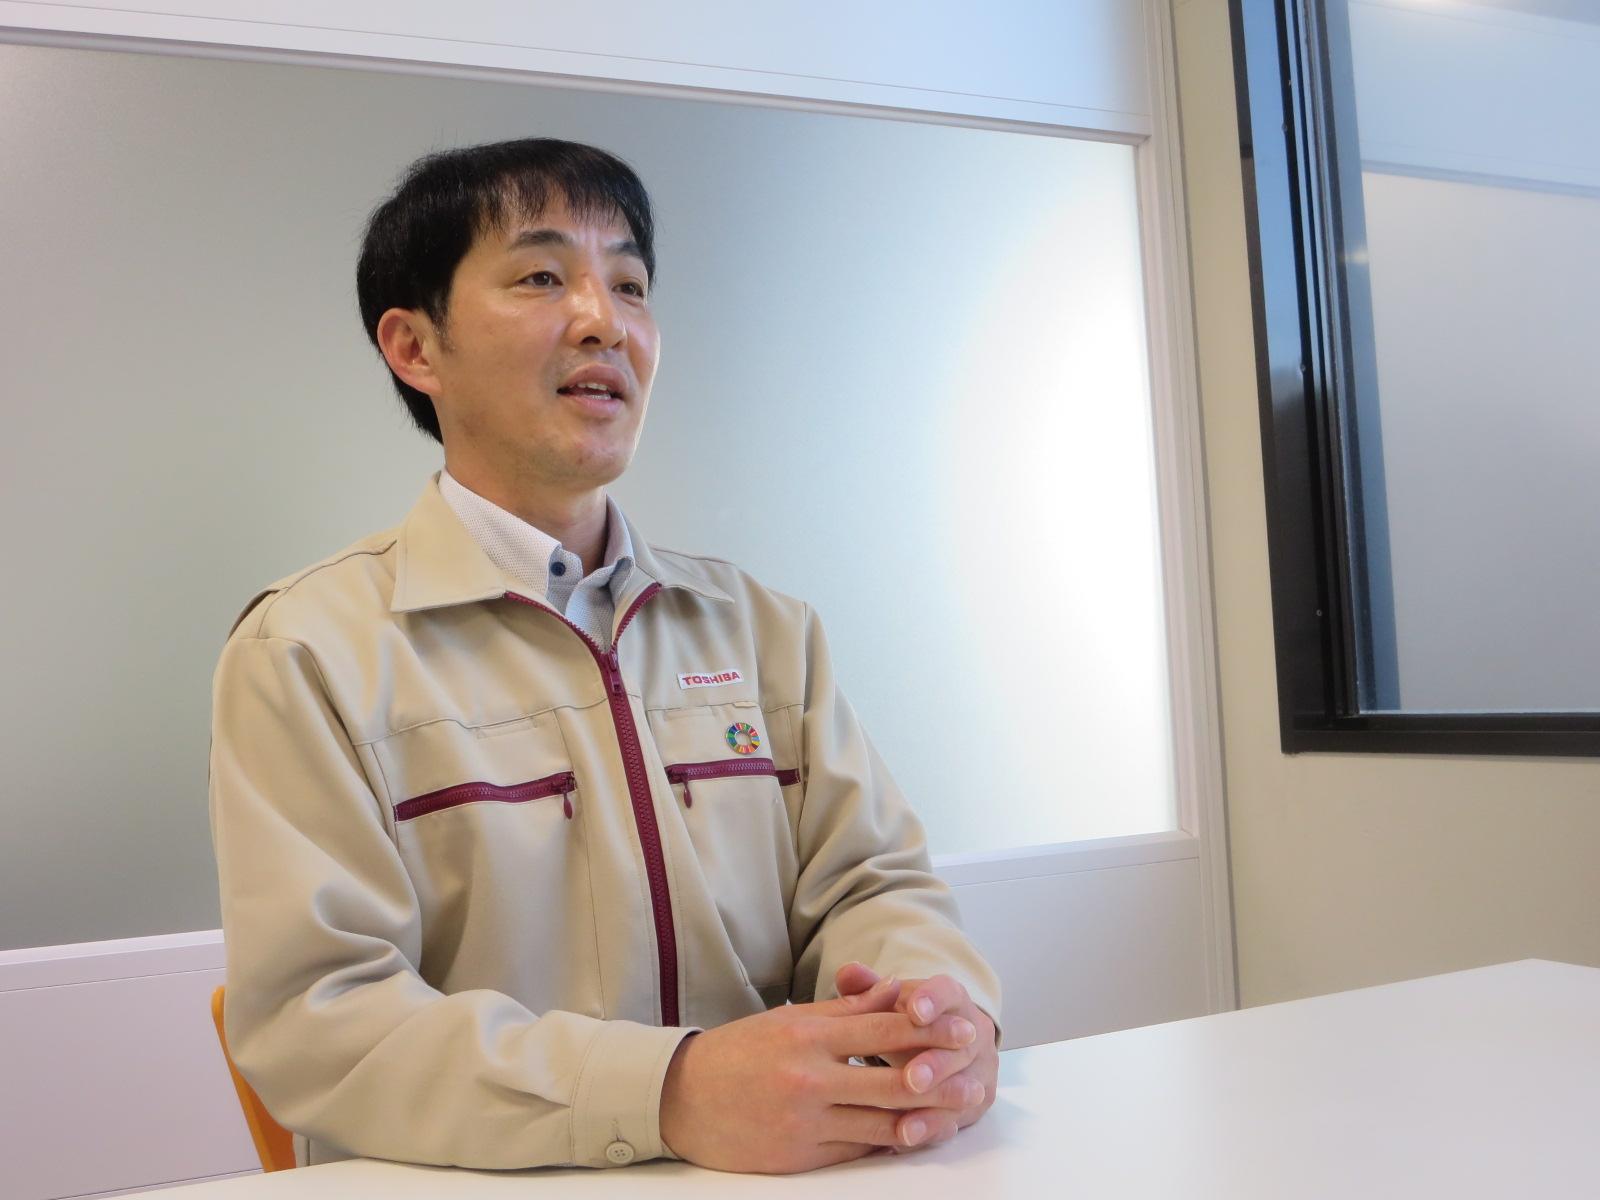 豊前東芝エレクトロニクス株式会社 管理部 総務安全保健環境担当 大江和男氏